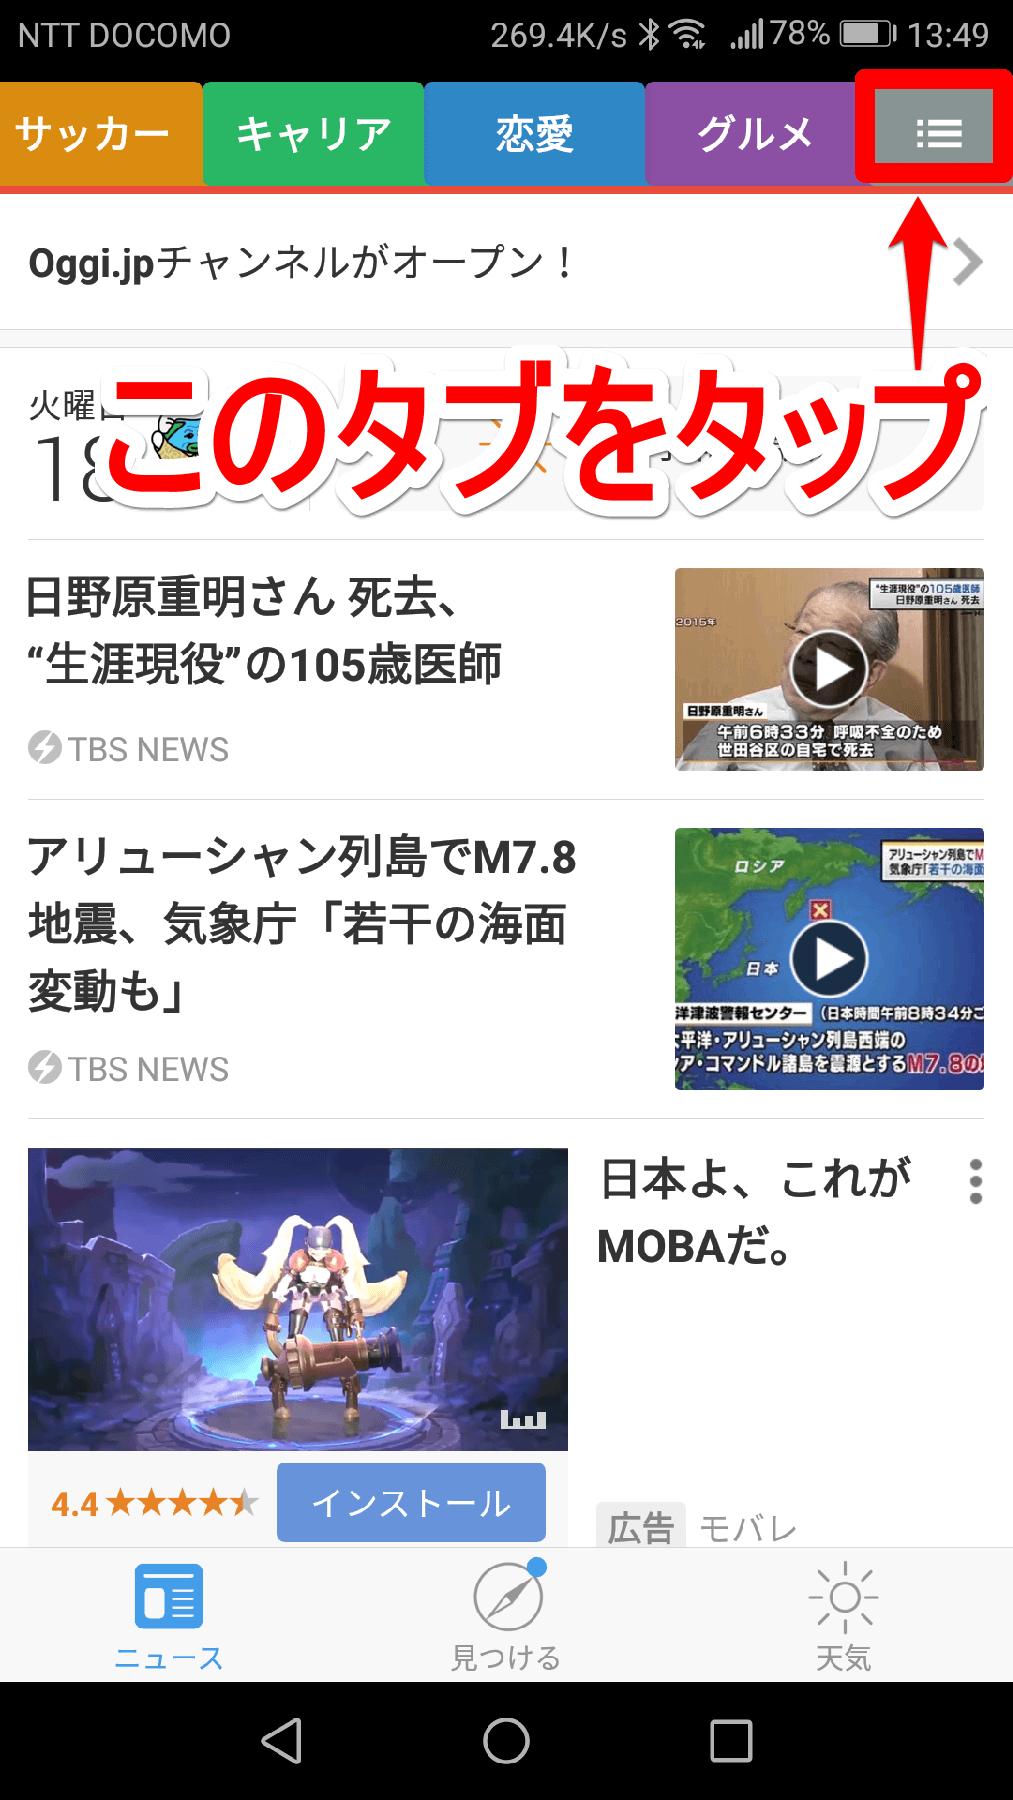 スマートニュース(スマニュー)の画面を左方向にスワイプした状態の画面